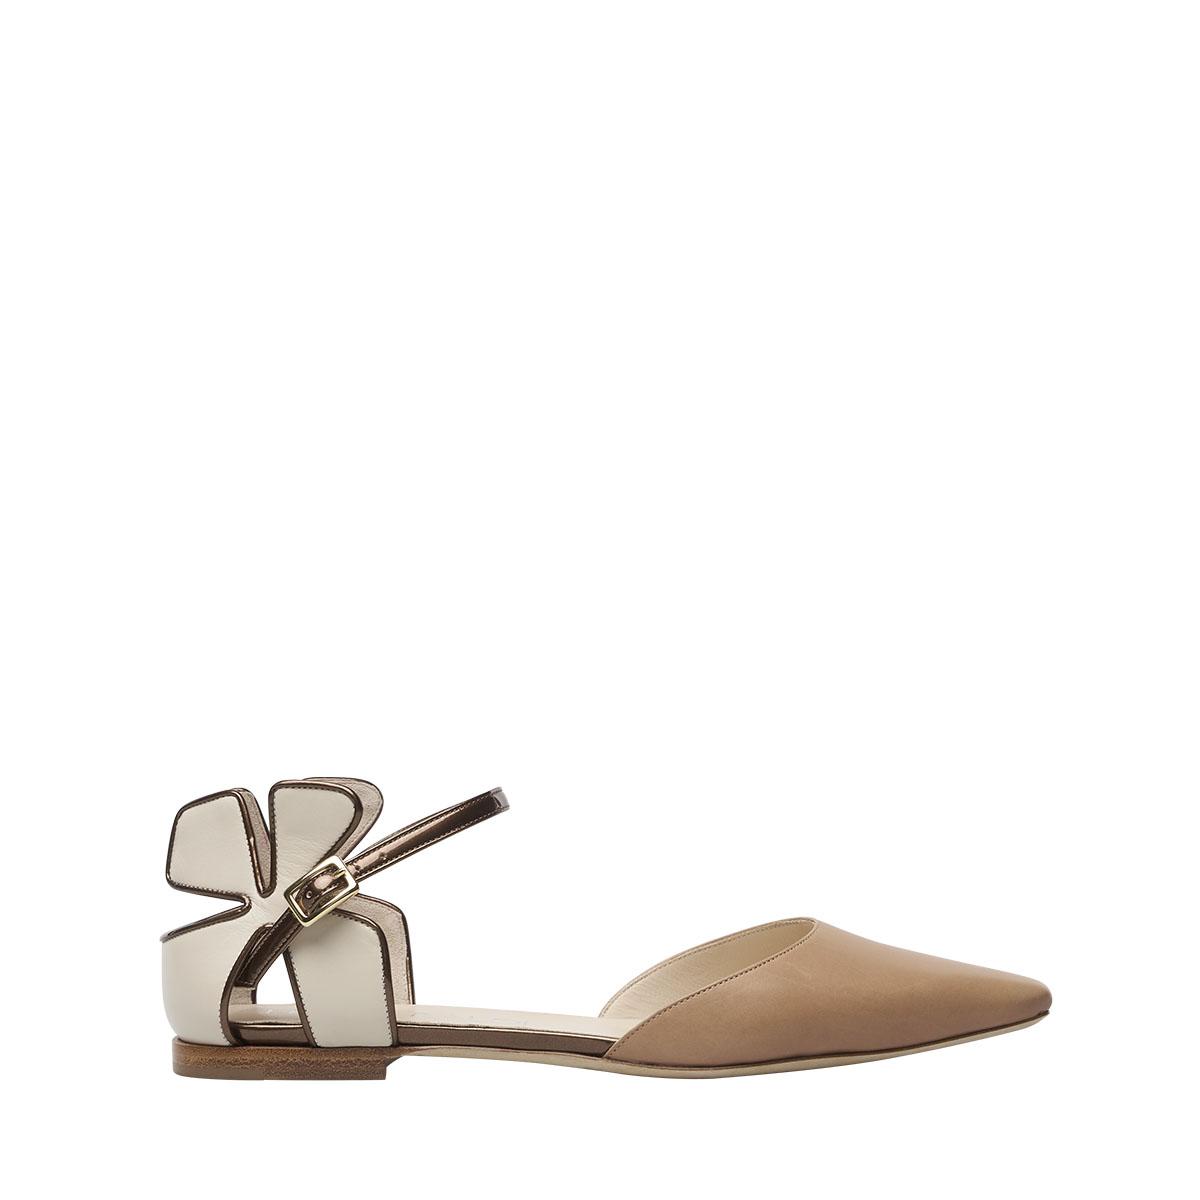 Lella Baldi - Daisy Flat Sand